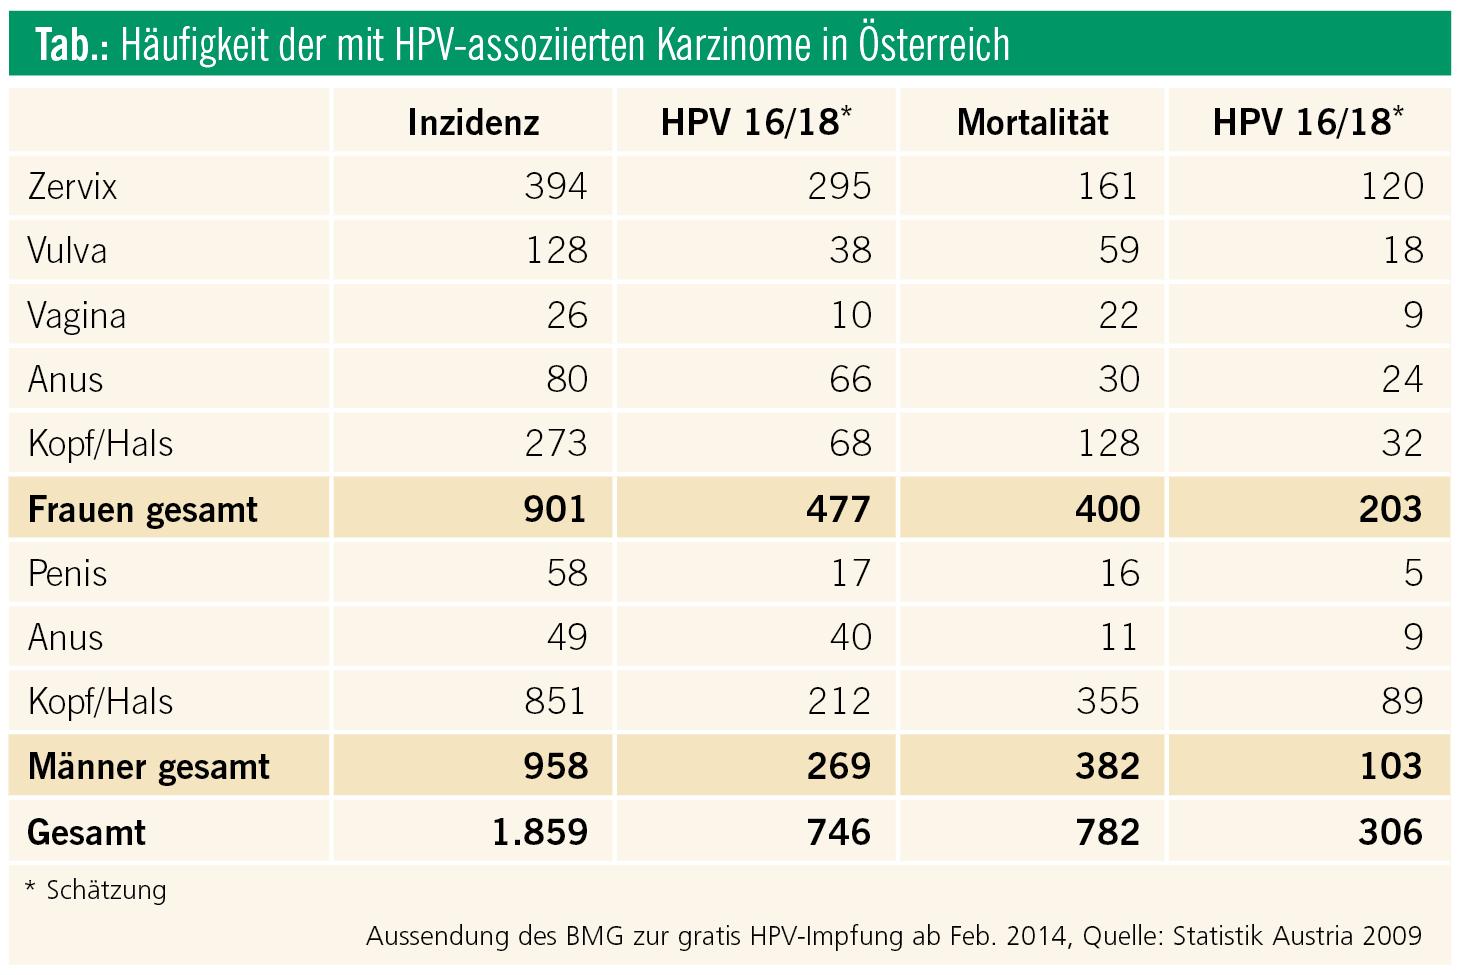 hpv impfung kosten osterreich)